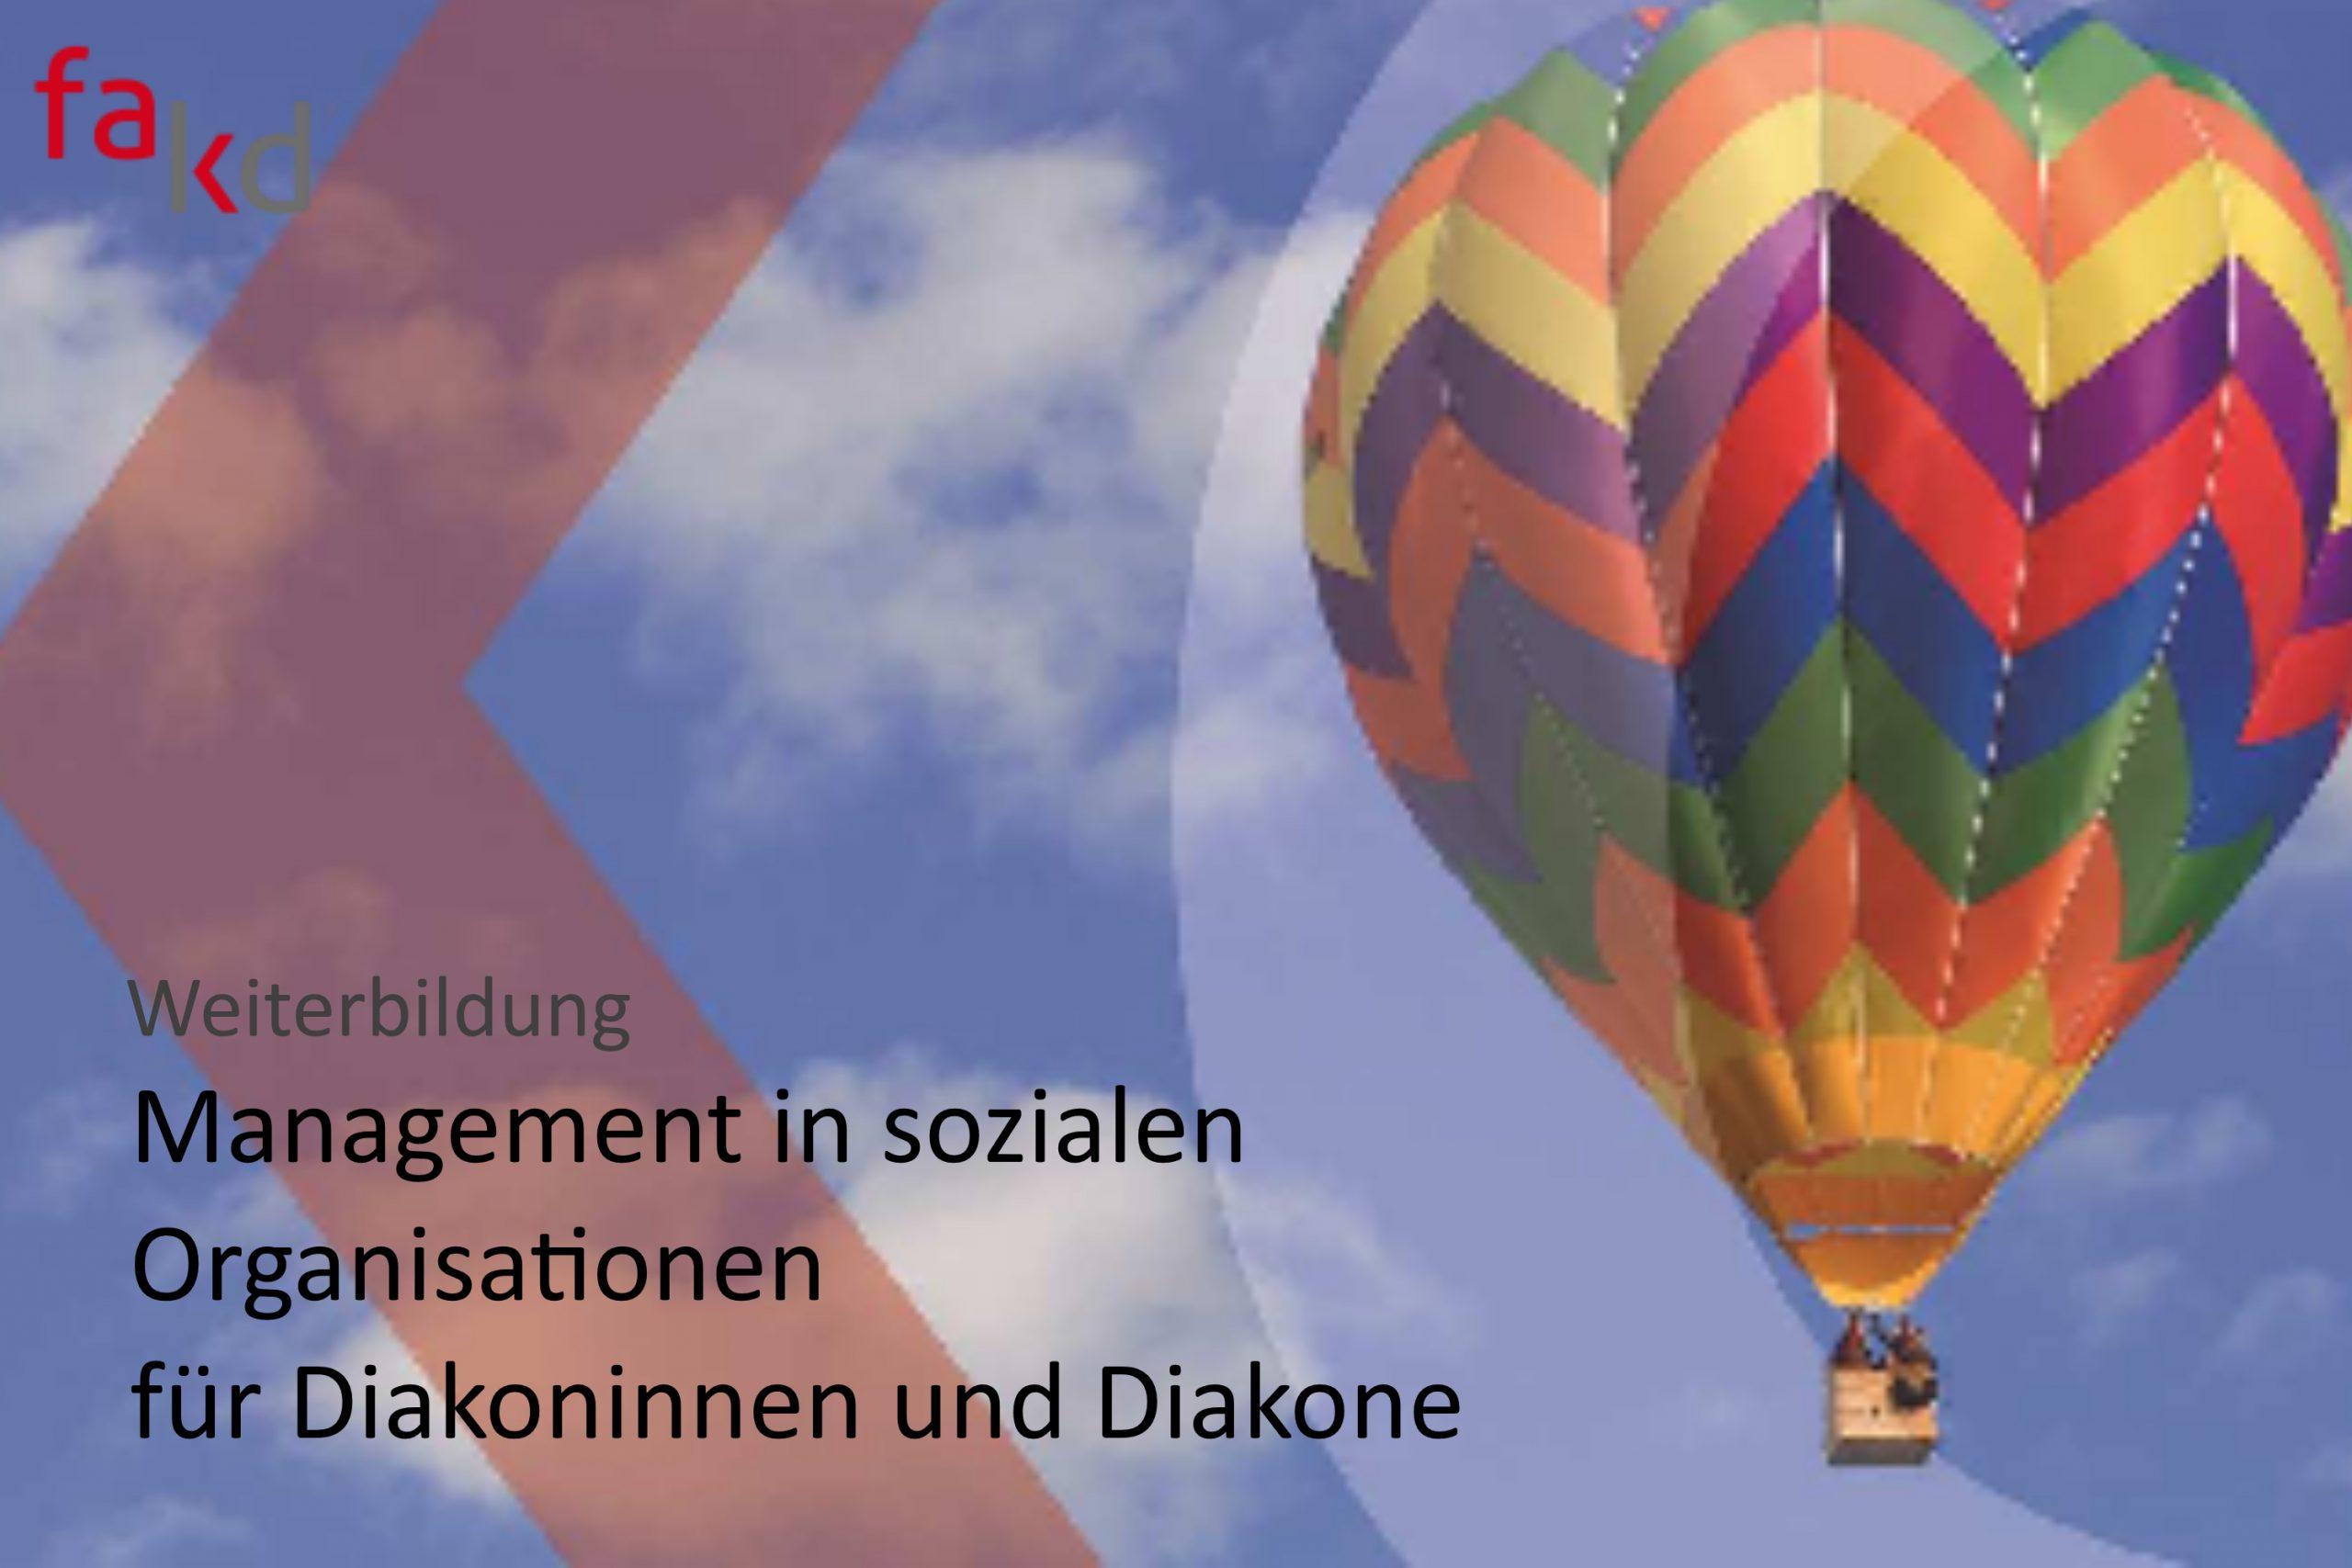 Weiterbildung: Management In Sozialen Organisationen